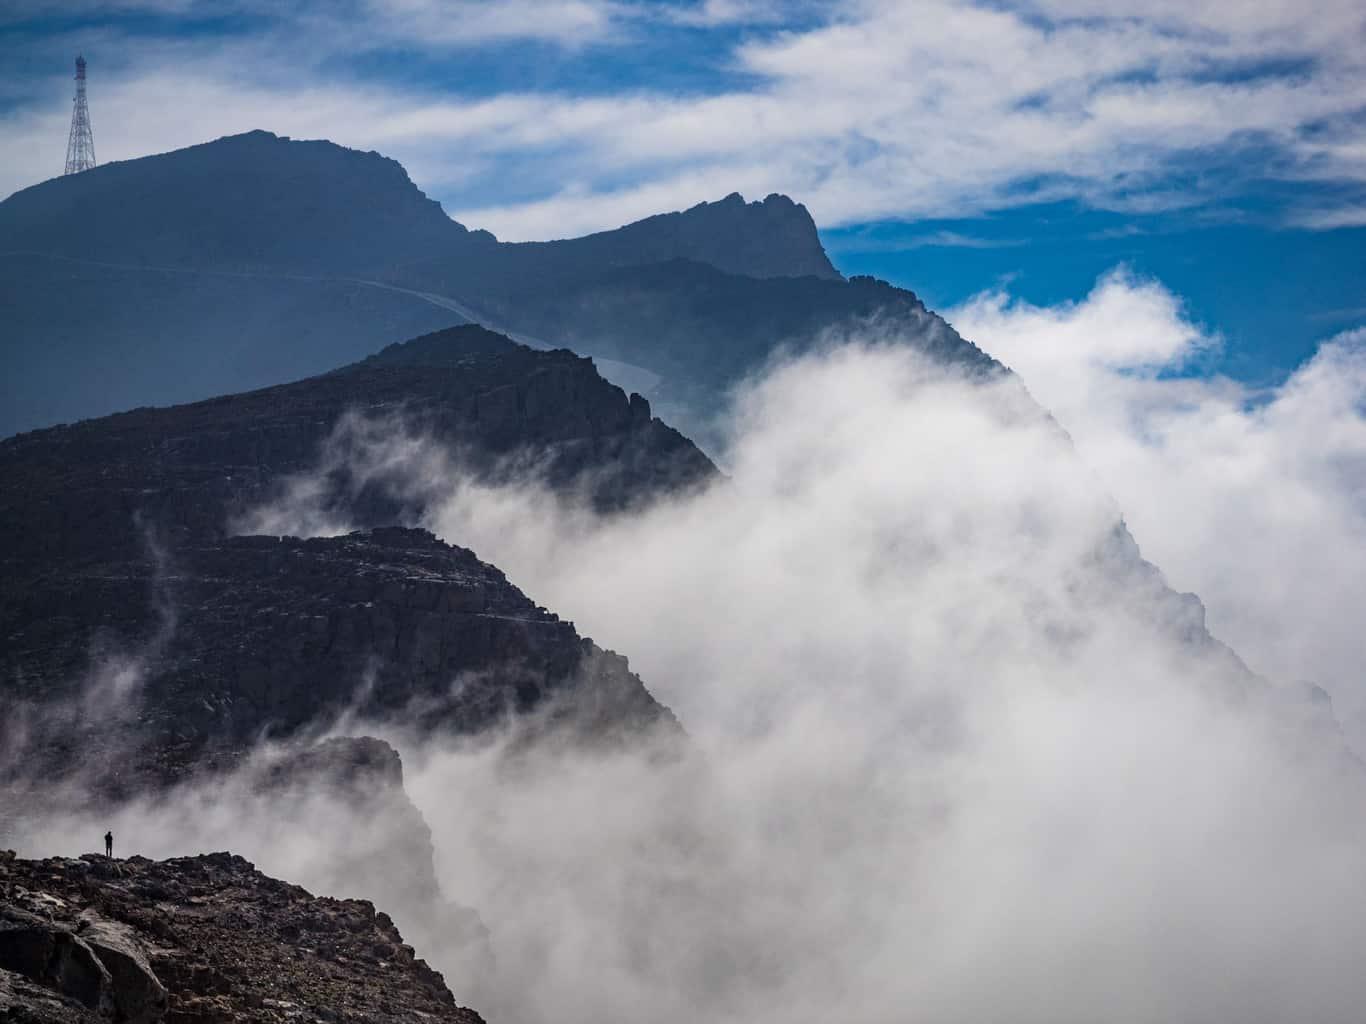 hajar mountains in UAE